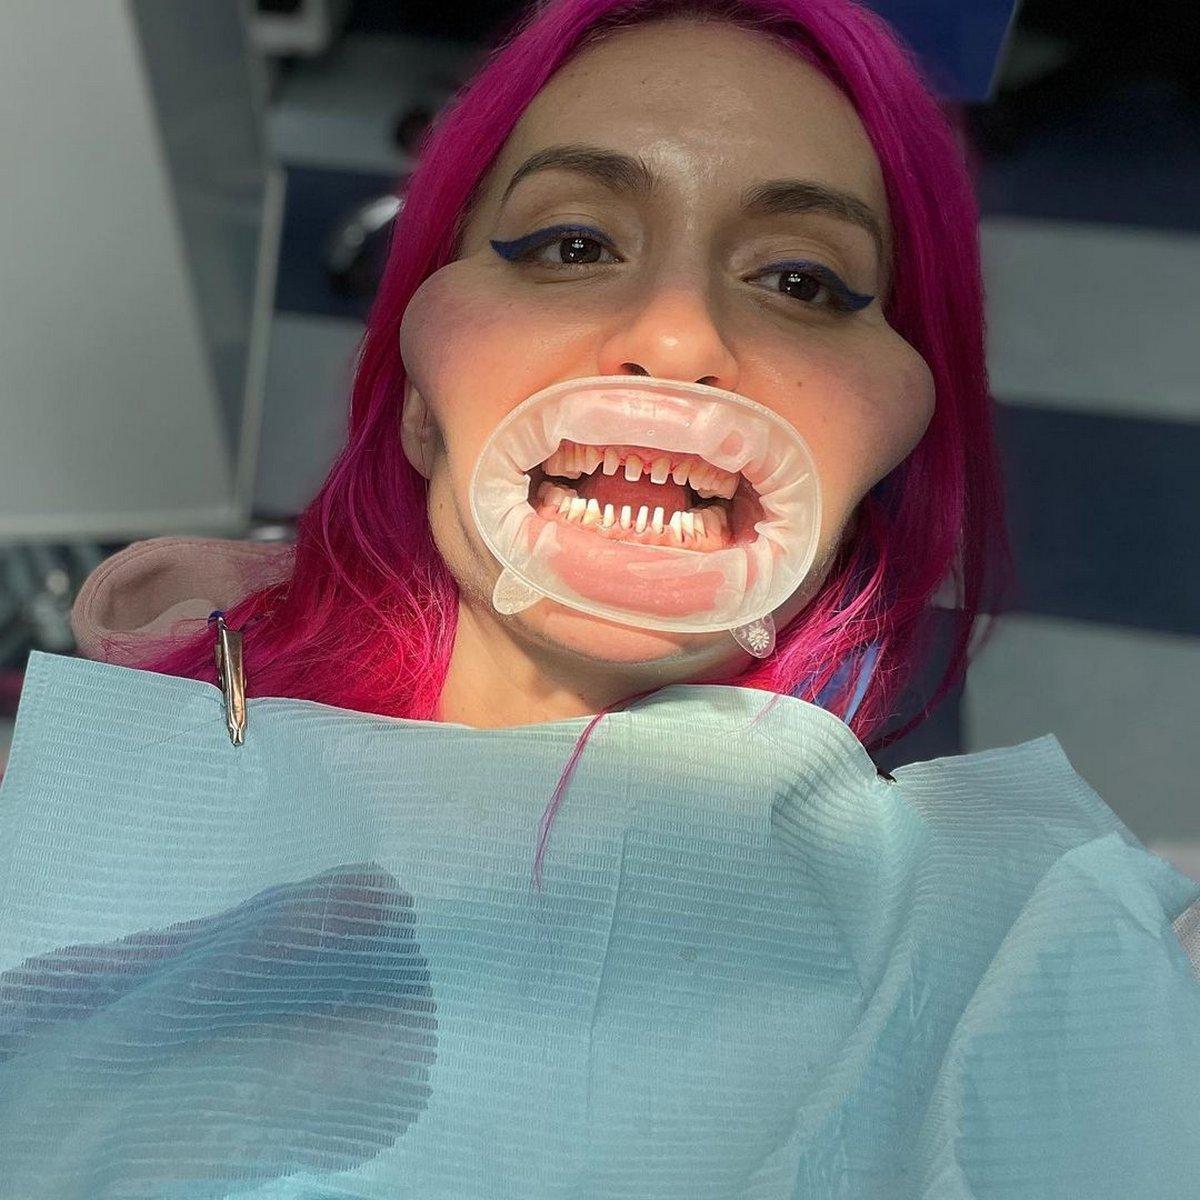 La femme aux plus grosses joues du monde prévoit de subir encore plus d'opérations chirurgicales